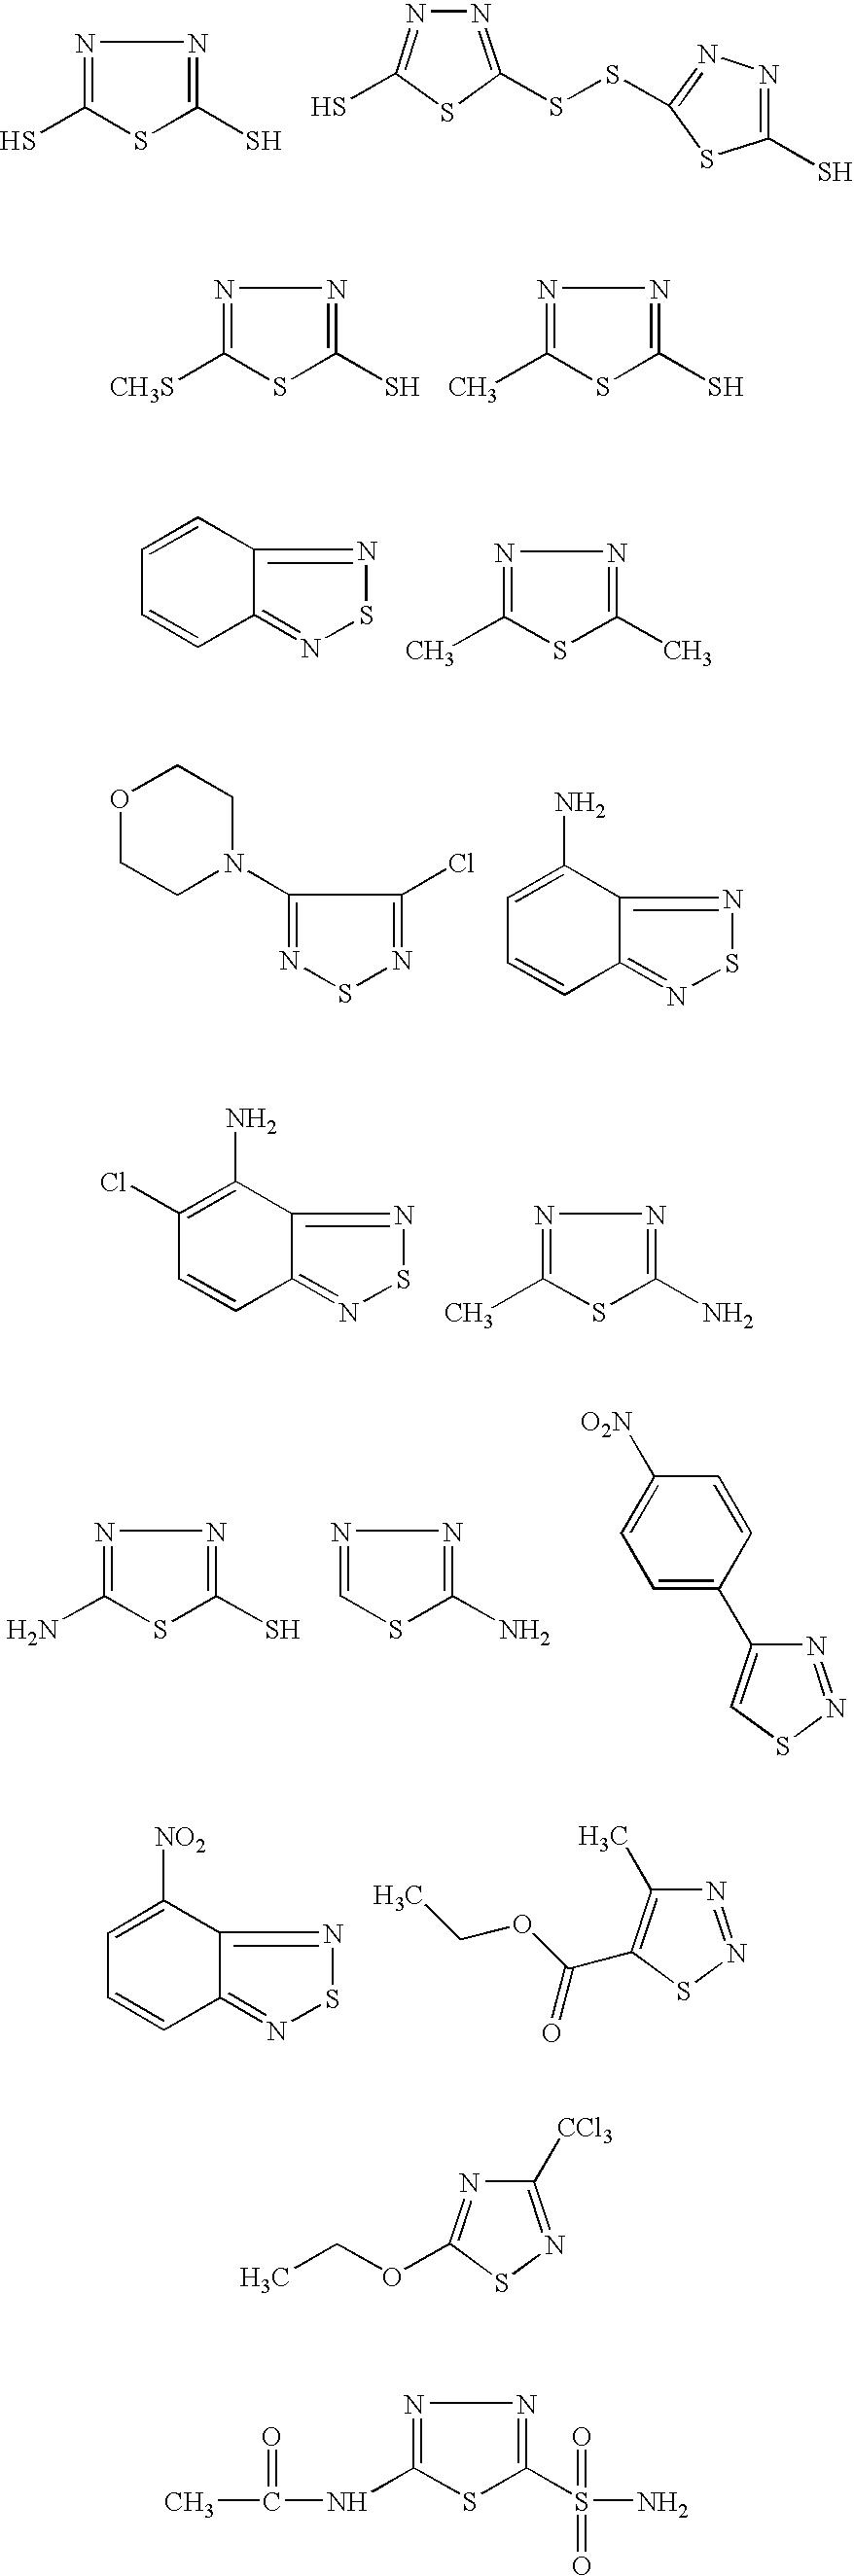 Figure US20090246666A1-20091001-C00015